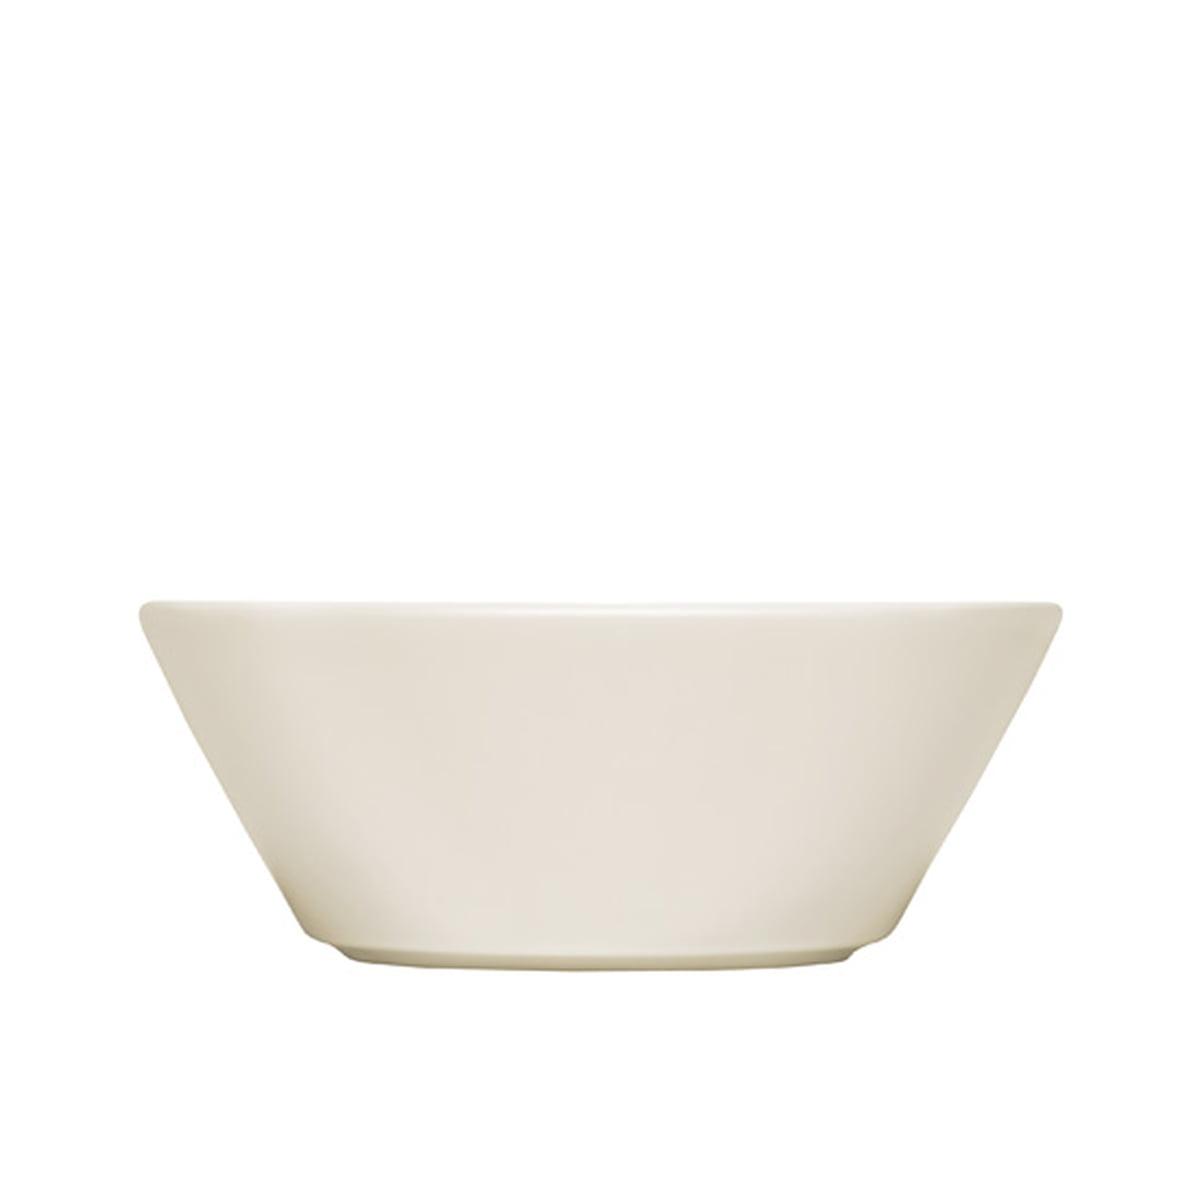 Iittala - Teema Schale / Teller tief Ø 15 cm, weiß | Küche und Esszimmer > Besteck und Geschirr > Geschirr | Iittala